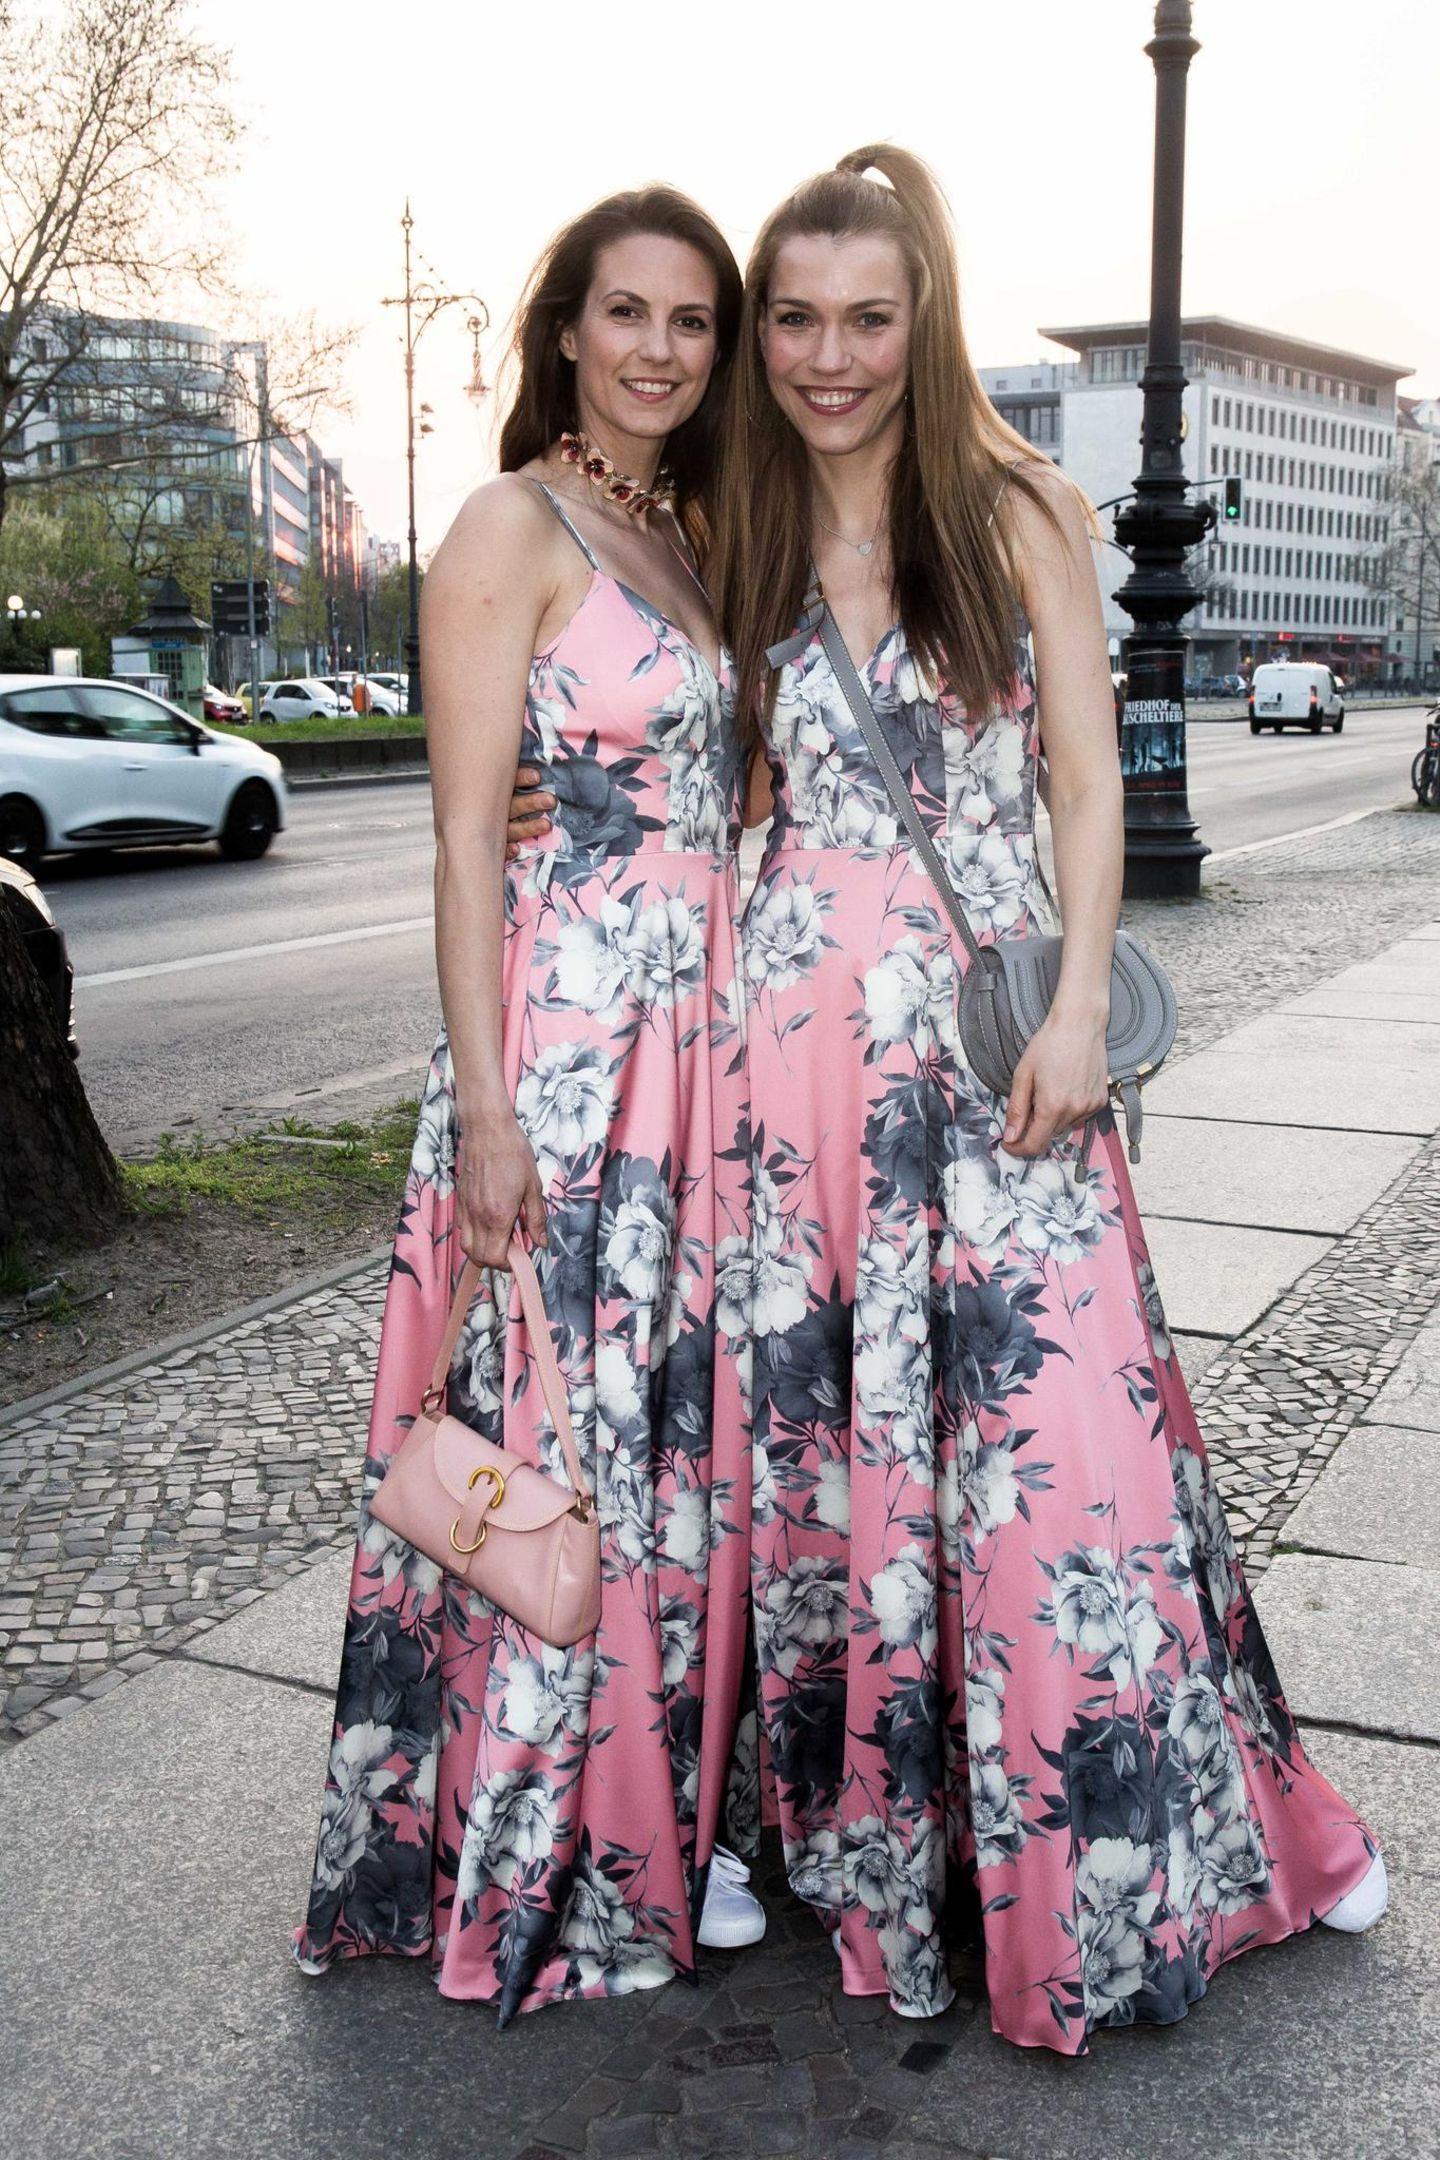 """Moderatorin Annett Möller hat ihren Mode-Zwilling gefunden! Bei den Victress Awards in Berlin lief ihr Katrin Wrobel in derselben floralen Robe über den Weg. Die beiden Stars shoppten unabhängig voneinander bei """"Unique Europe"""". Auf dem Event nahmen sie den gleichen Look mit Humor und strahlten gemeinsam in die Kamera."""